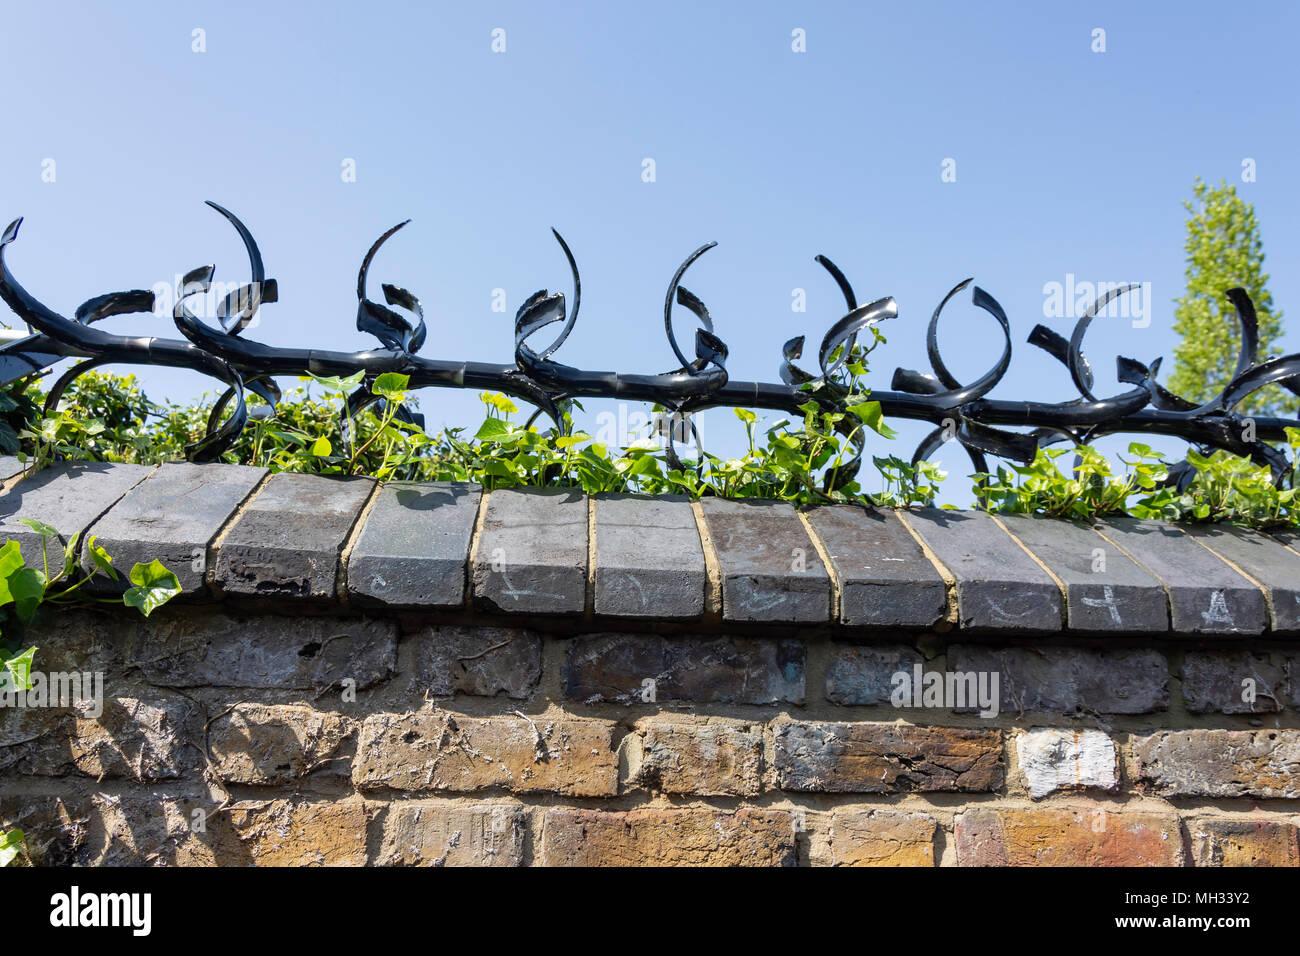 Los picos de seguridad de metal en la pared del jardín, Chiswick, Hounslow, London Borough of Greater London, England, Reino Unido Imagen De Stock